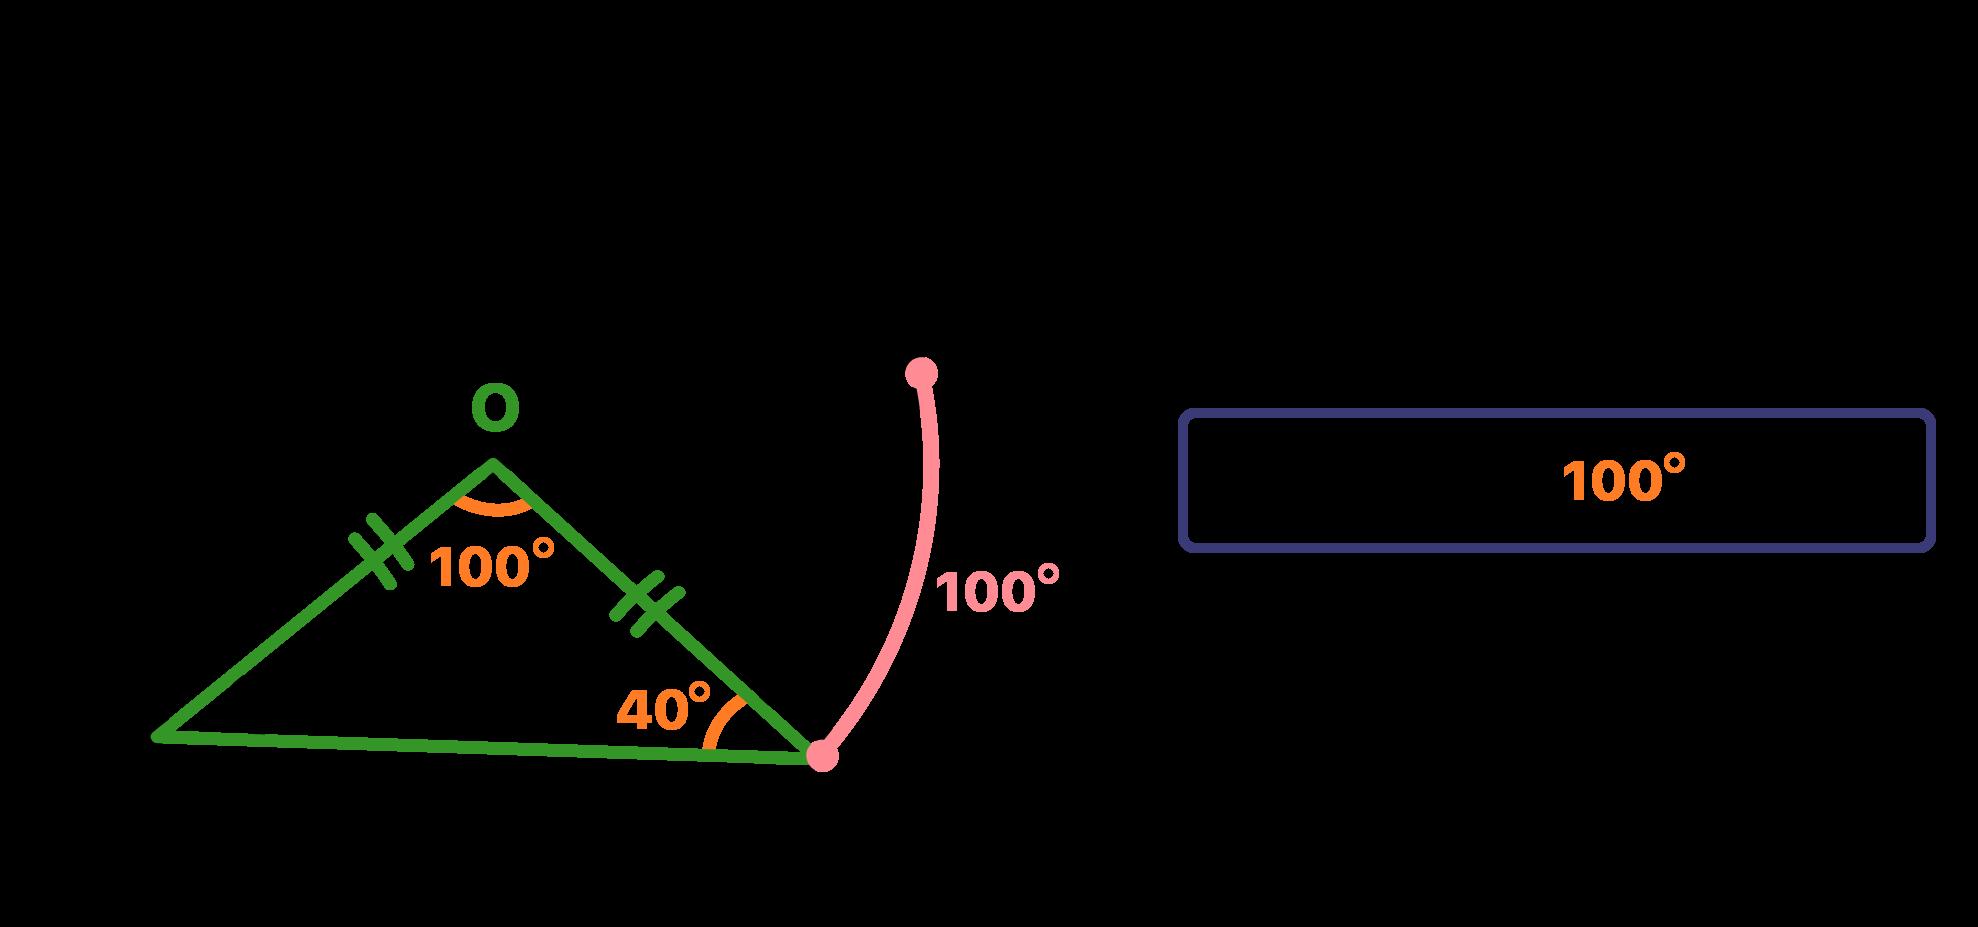 Soma dos ângulos internos de um triângulo é 180 graus